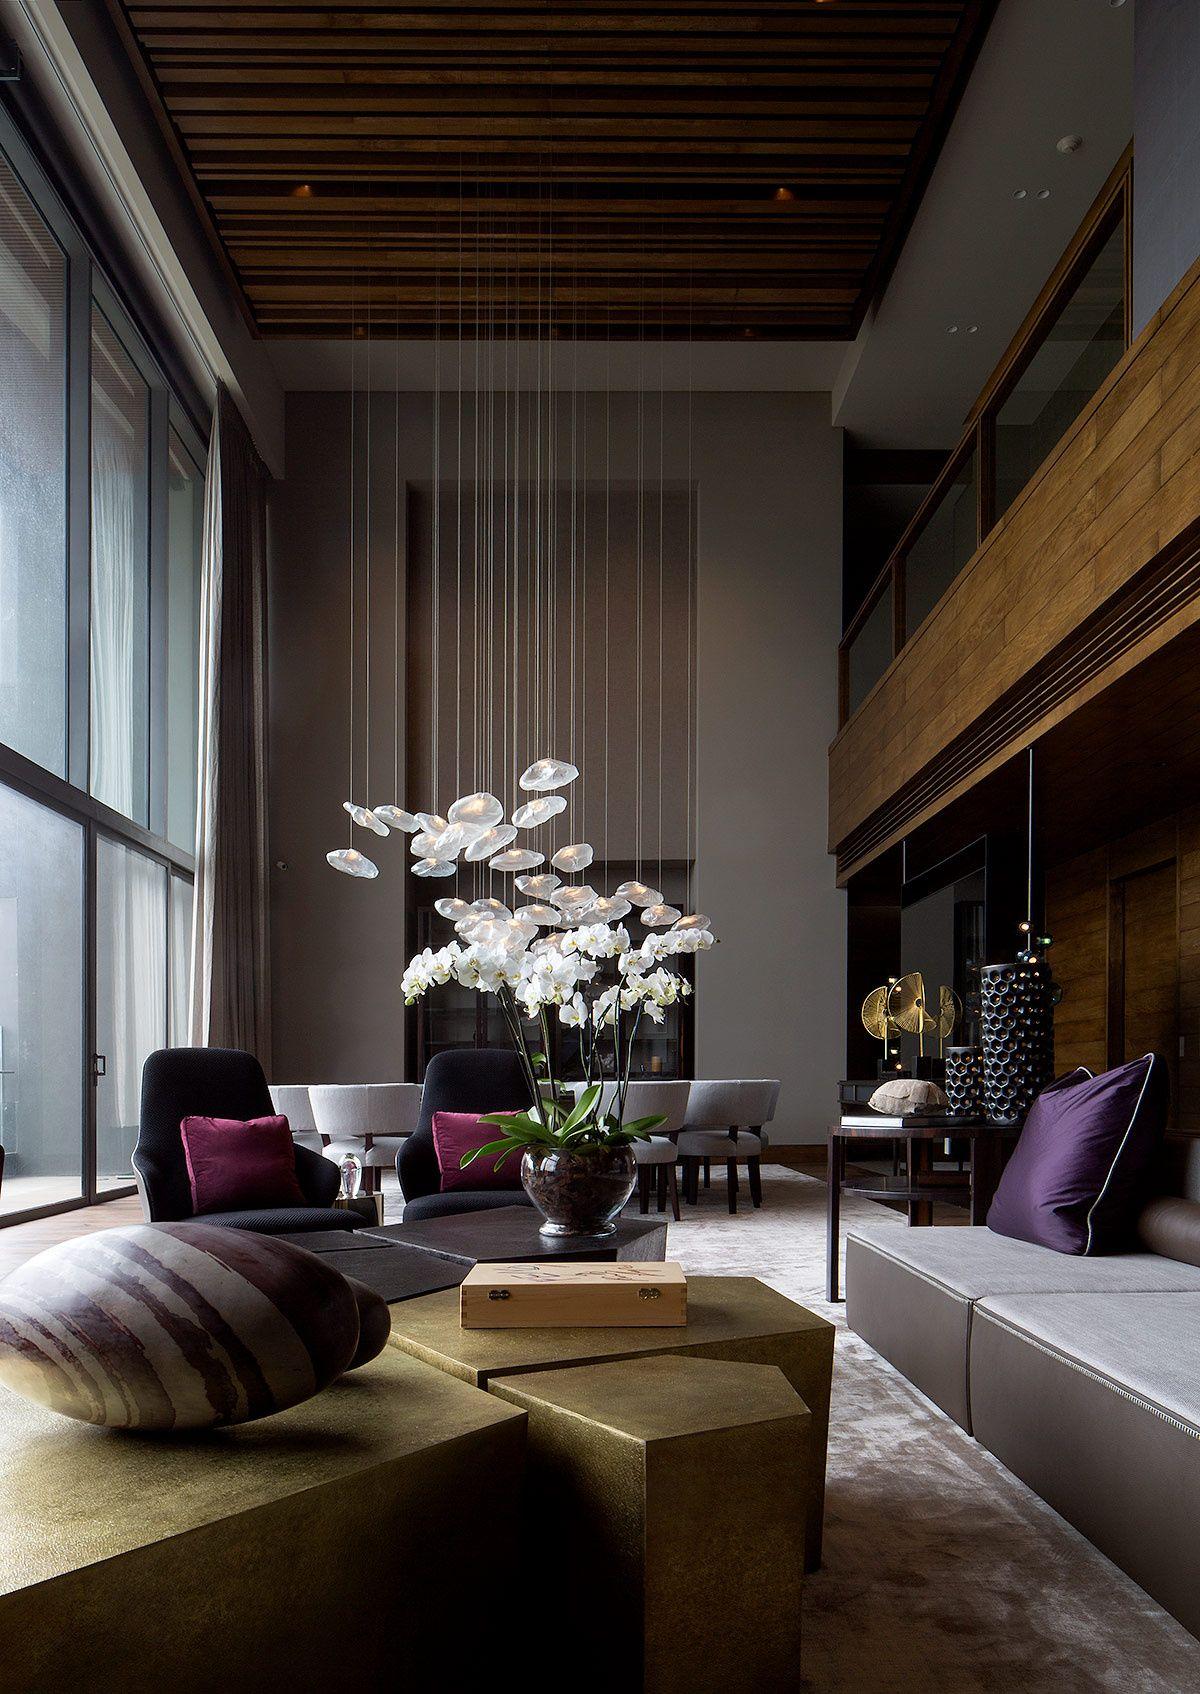 Concepto decorativo galeria de fotos ad mx also residencia mexicana por gloria cortina new home living room rh pinterest